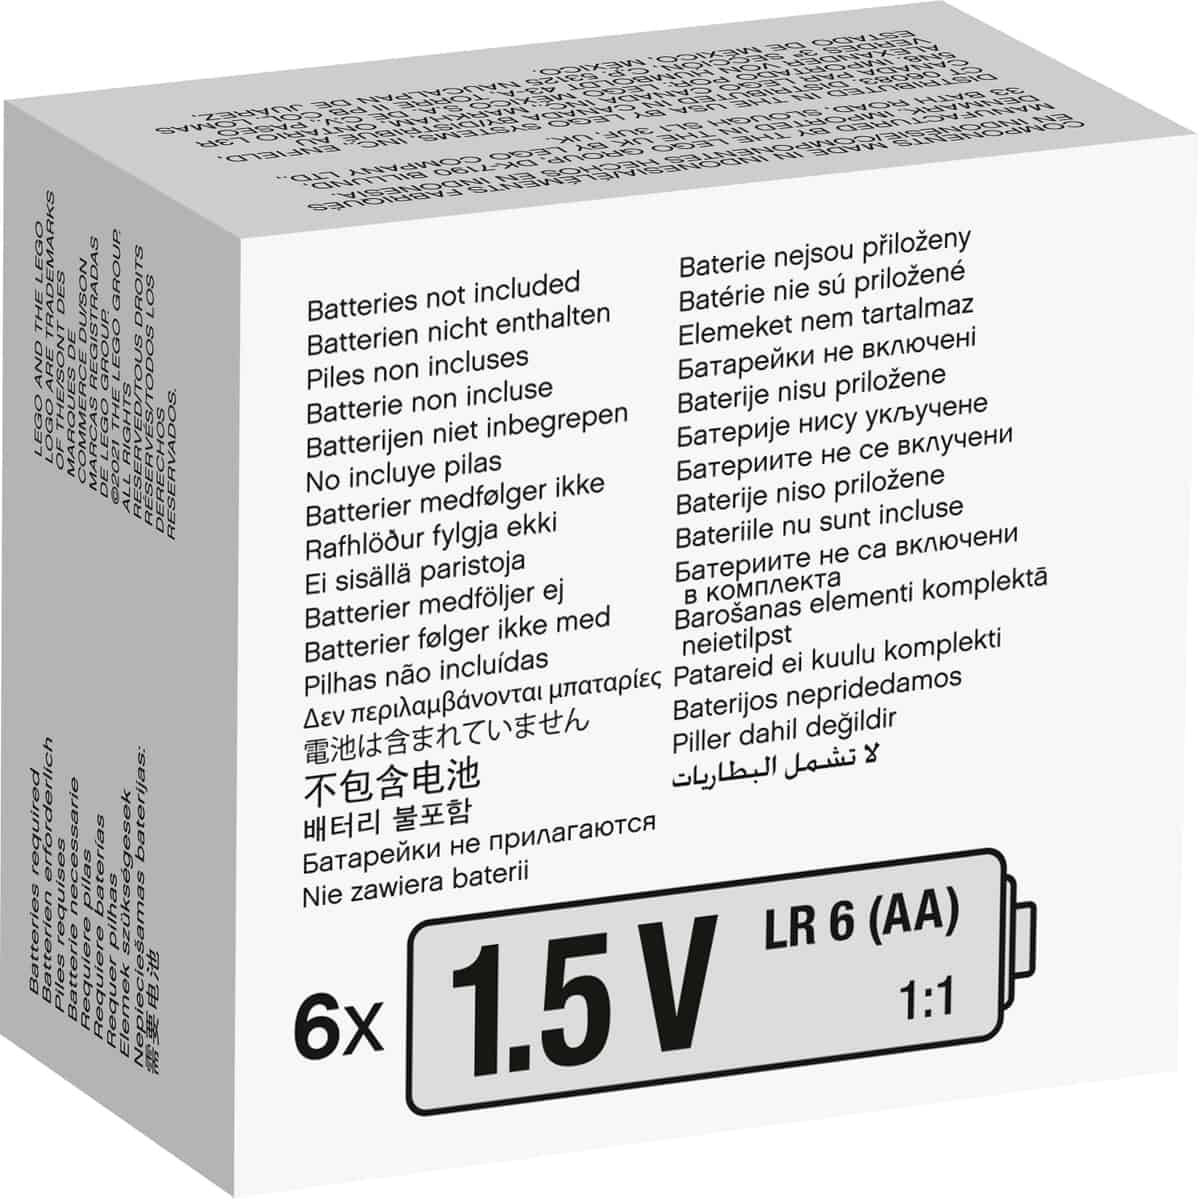 lego 88015 scatola della batteria